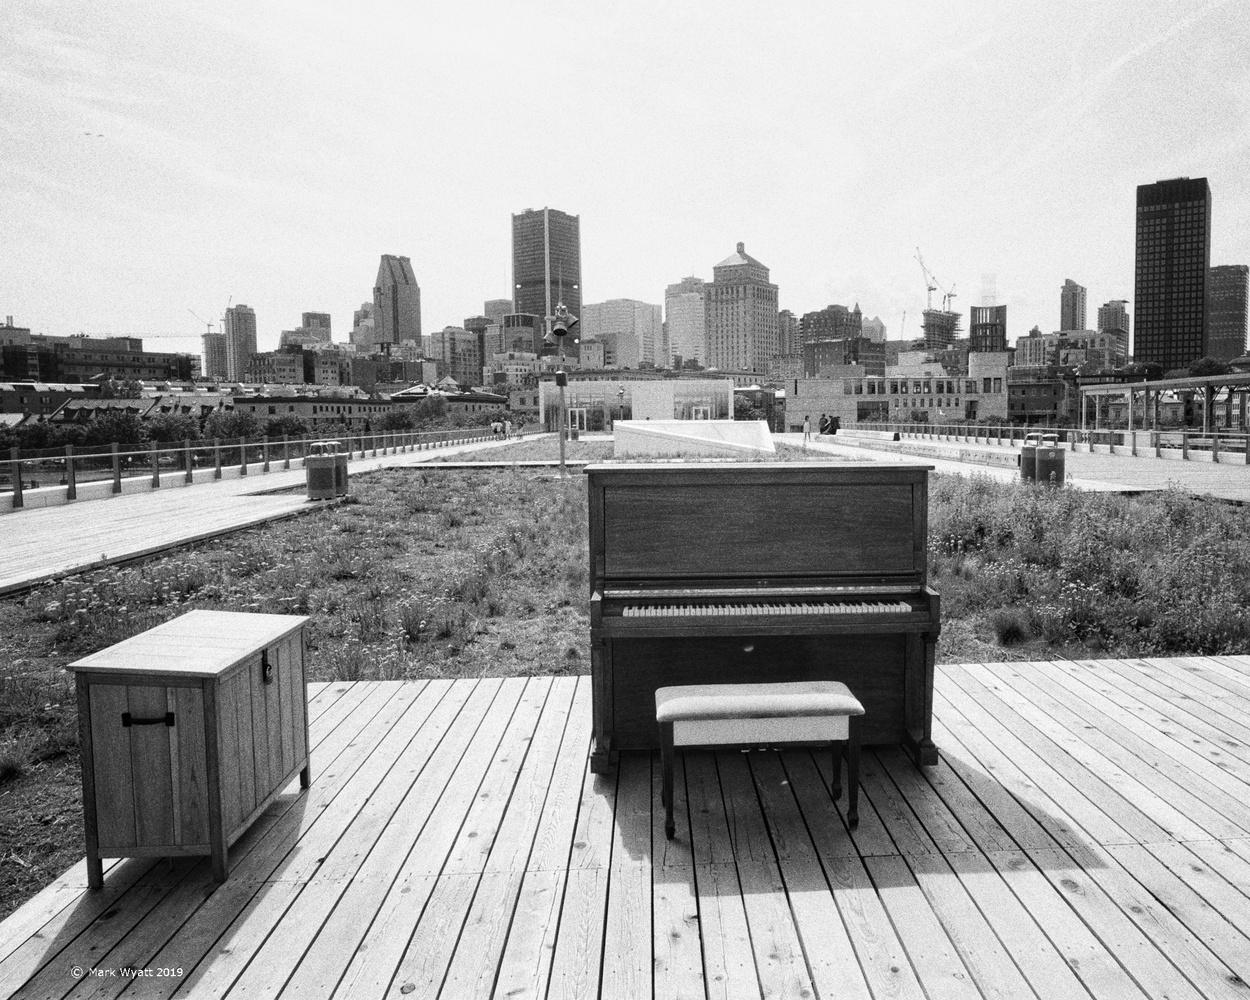 The Piano by Mark Wyatt